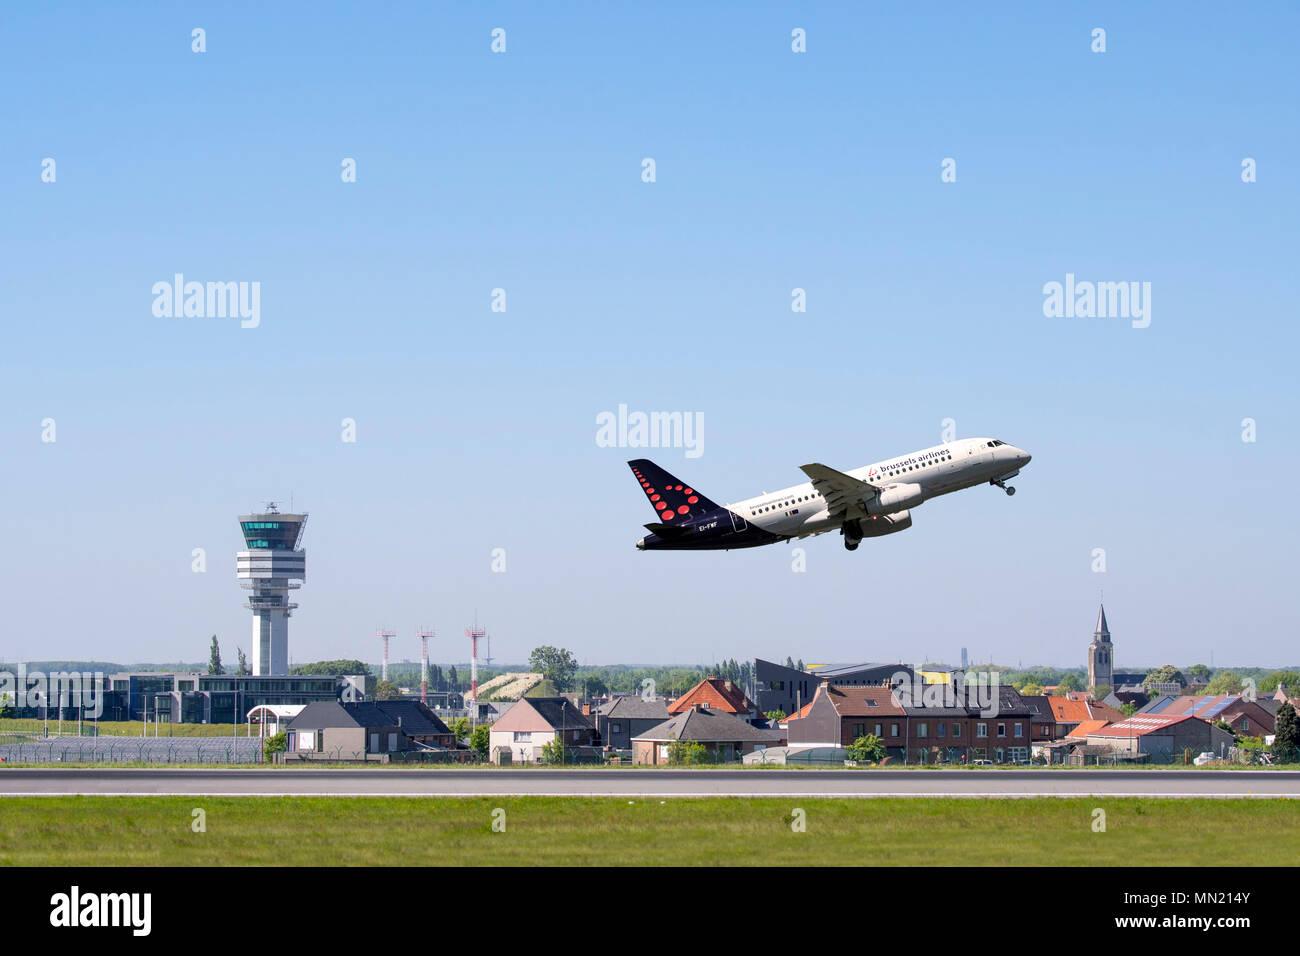 Torre de Control del Aeropuerto de Bruselas y la aldea Steenokkerzeel detrás de la pista de aterrizaje de Brussels Airlines mientras avión está despegando, Zaventem, Bélgica. Imagen De Stock